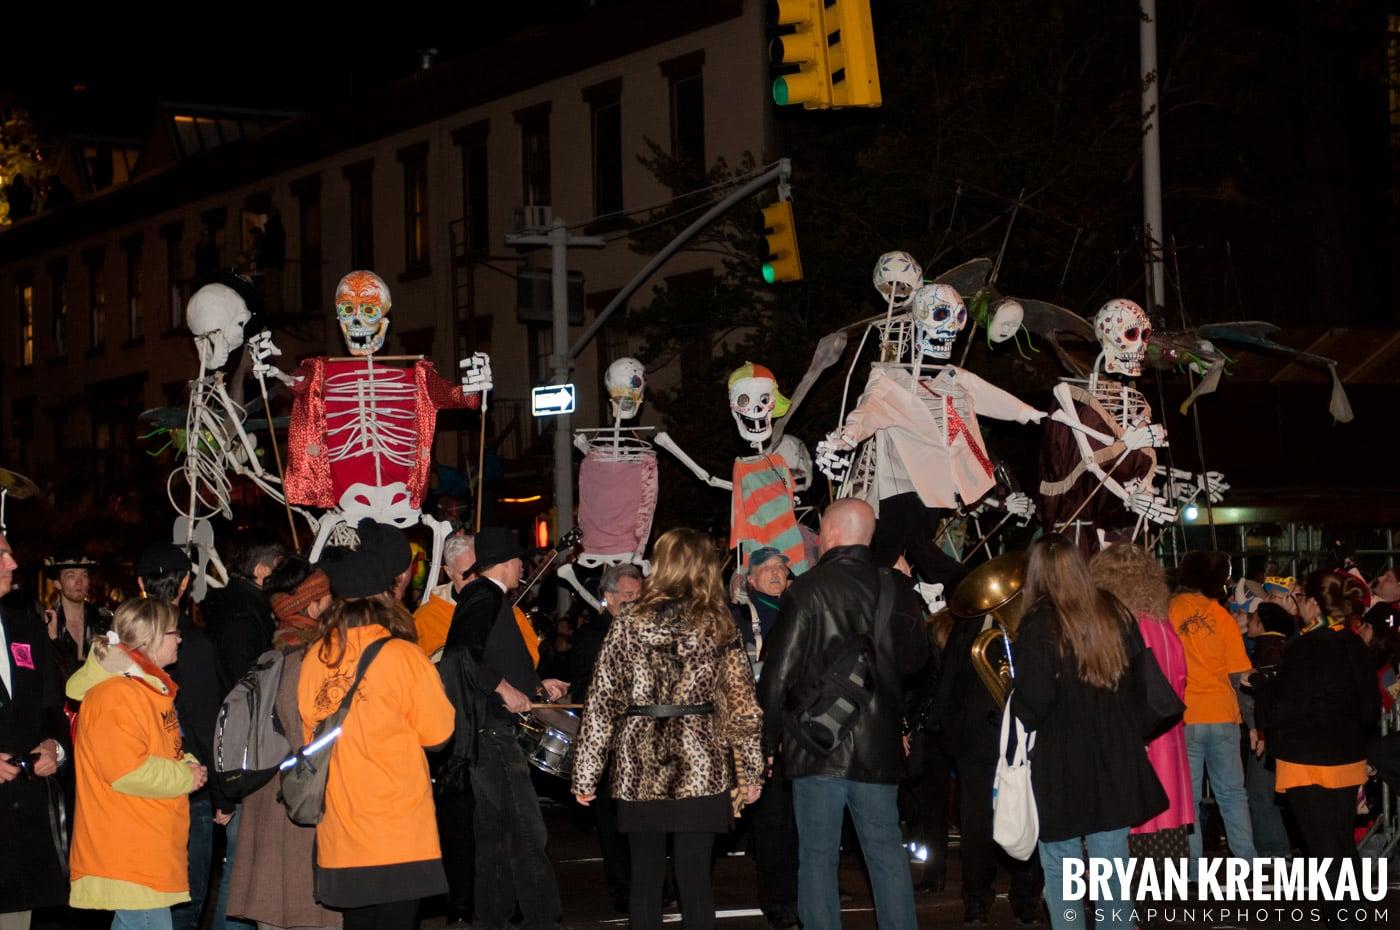 NYC Halloween Parade 2011 @ New York, NY - 10.31.11 (94)